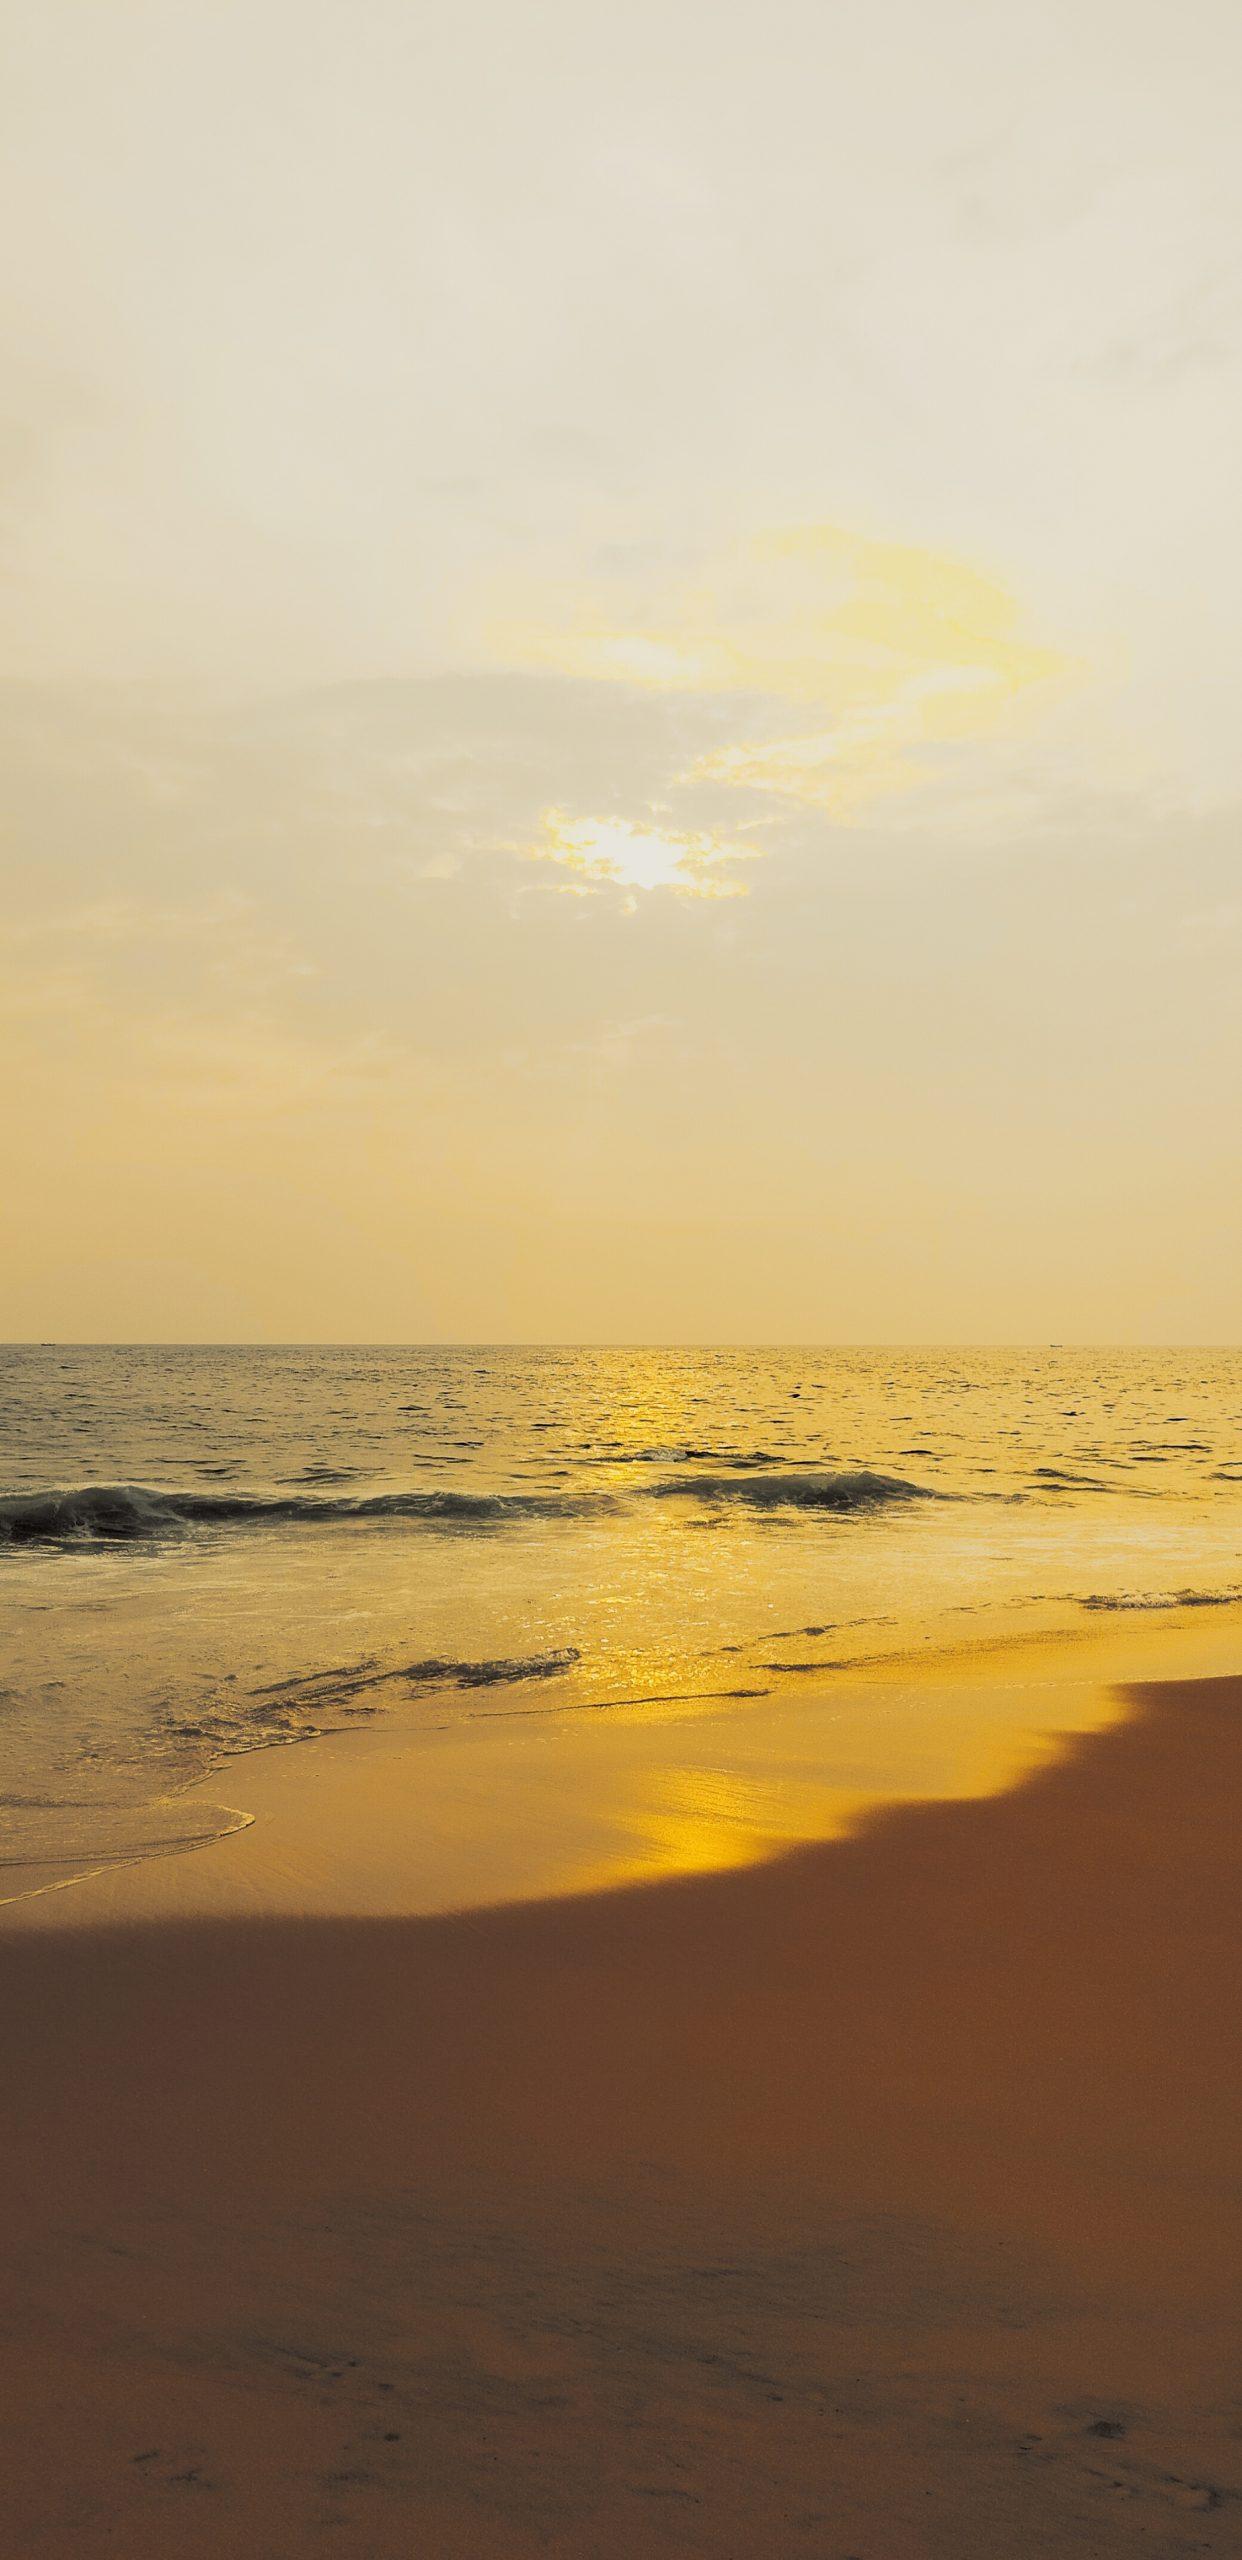 Evening at a beach